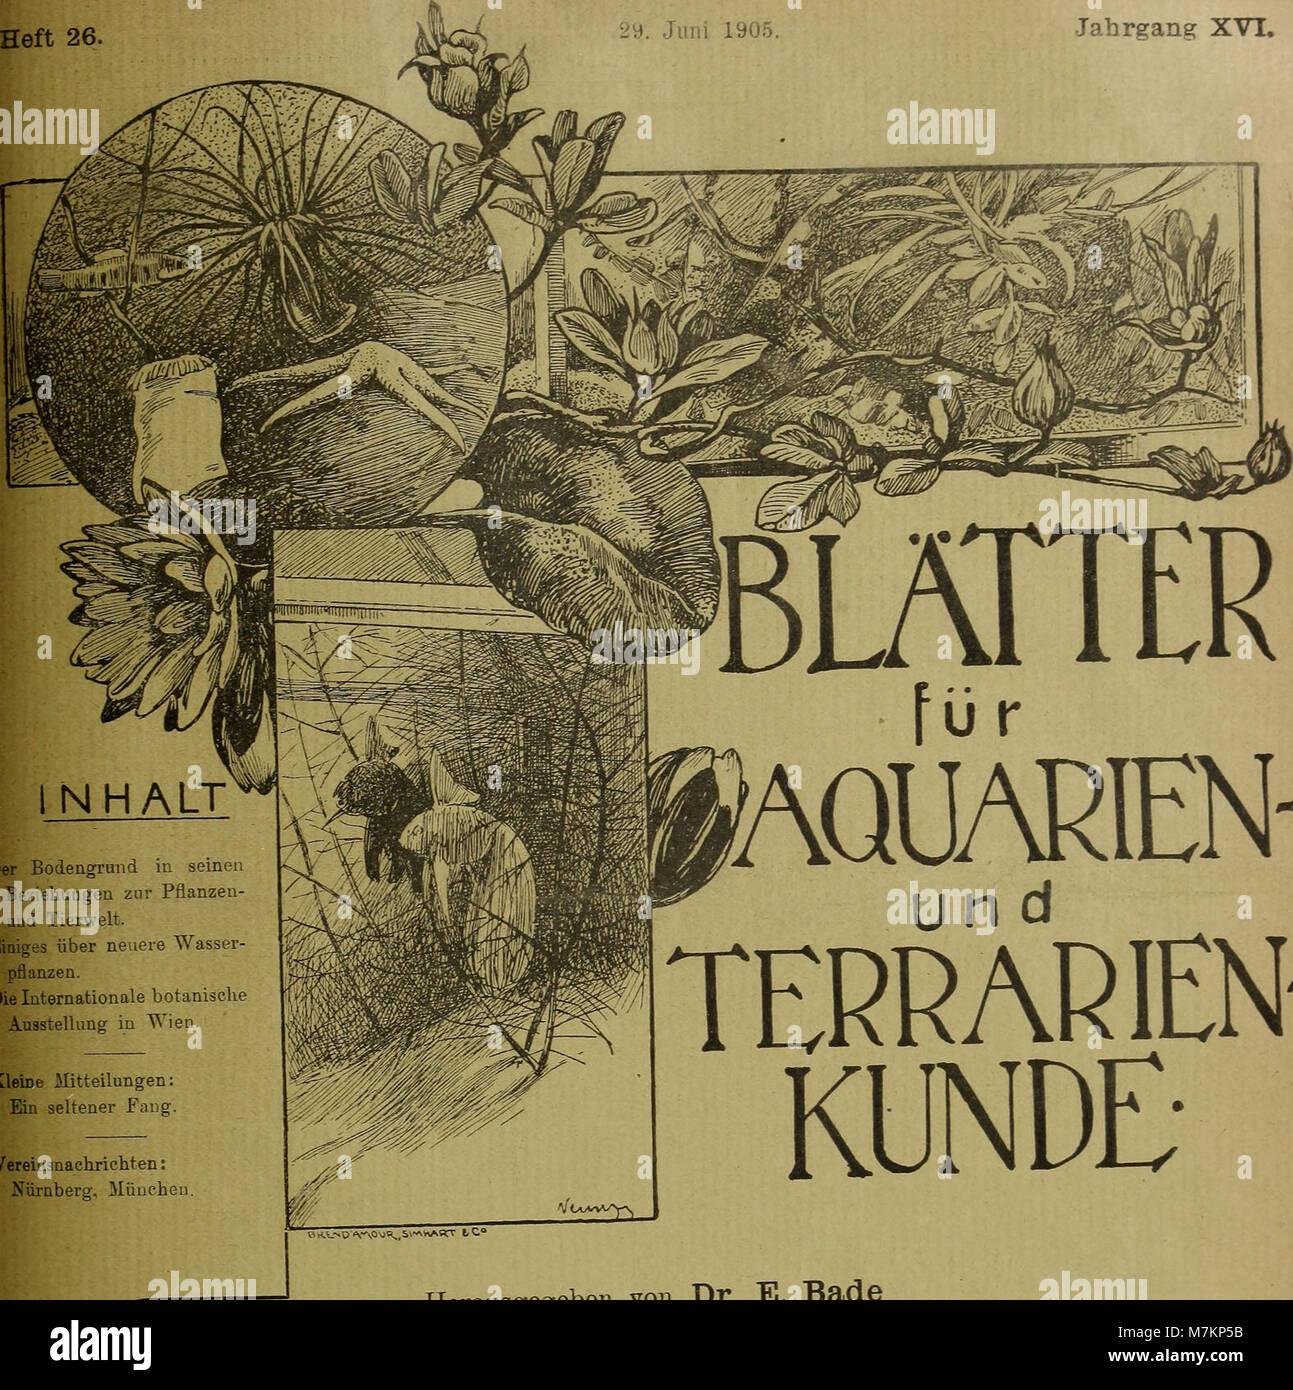 Blätter für Aquarien- und Terrarien-Kunde (1905) (20200932559) Stock Photo